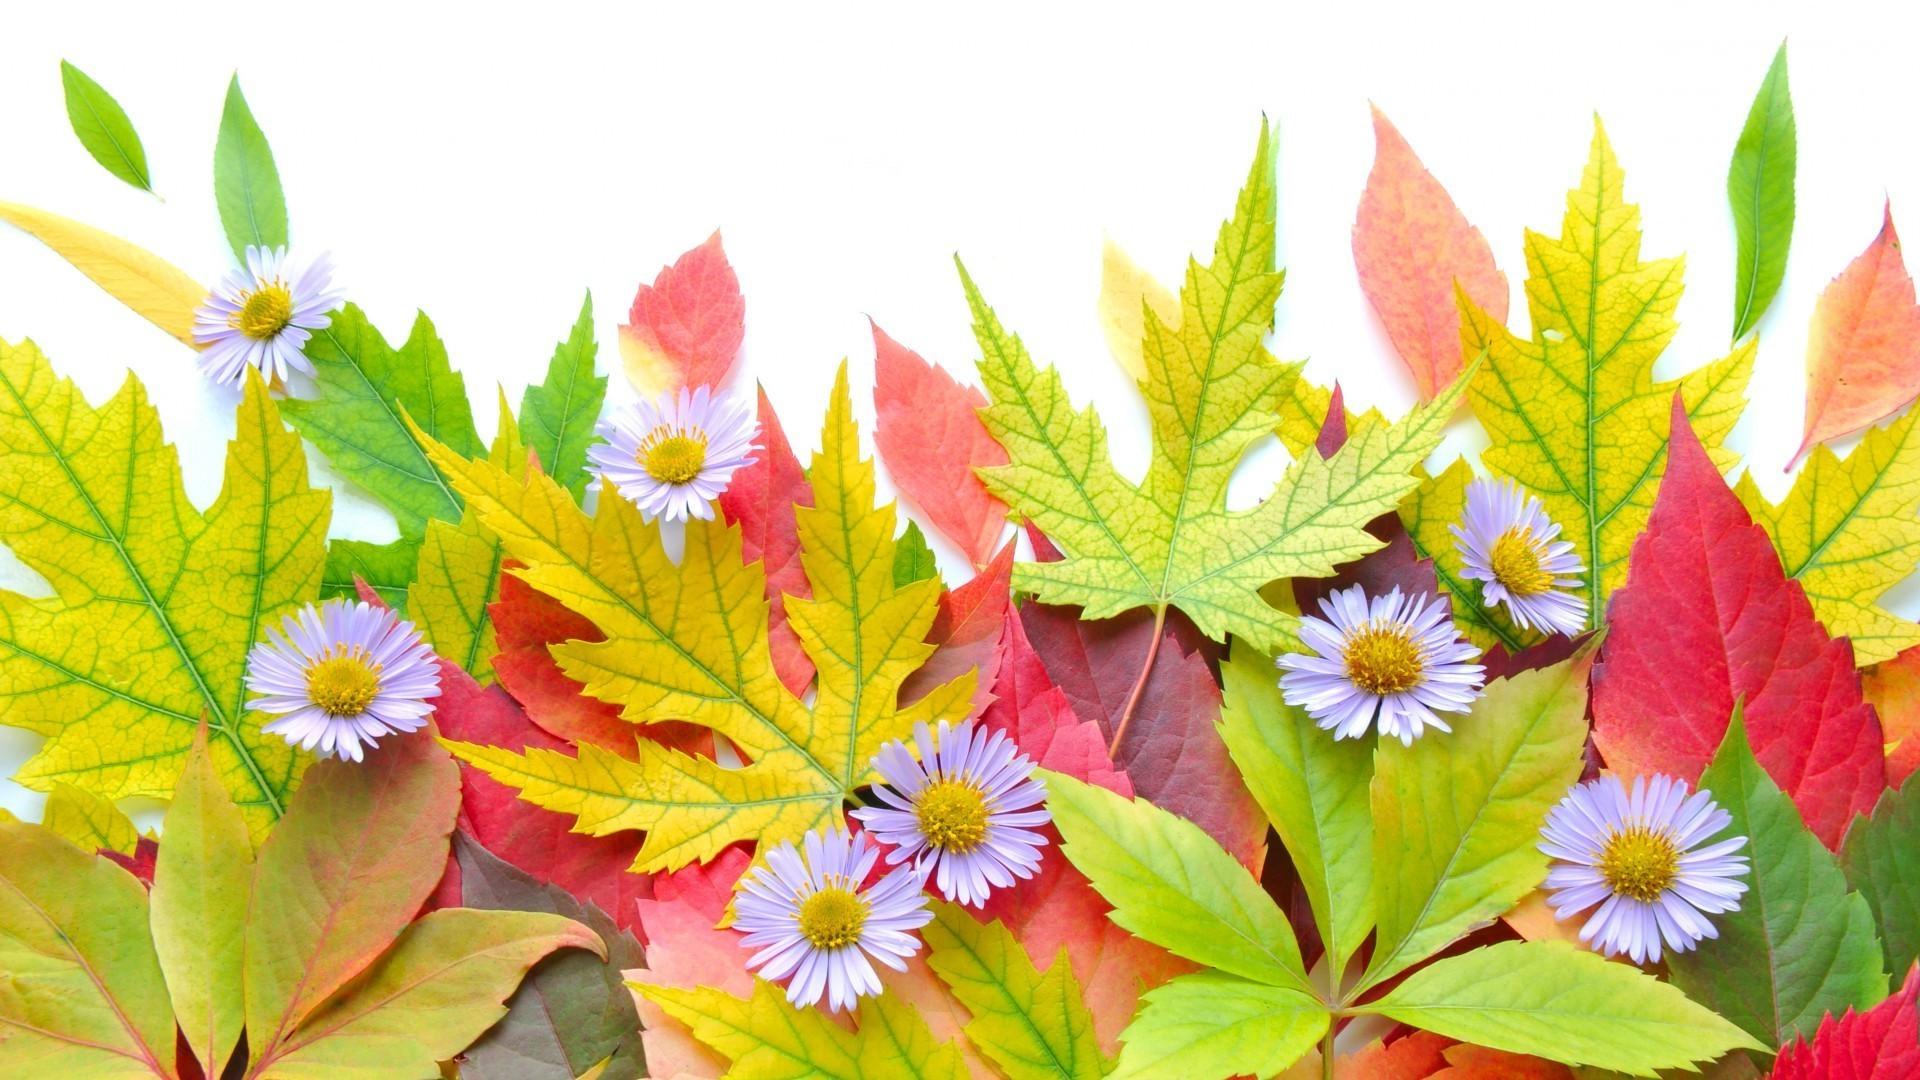 Осенние цветы обои на рабочий стол компьютера